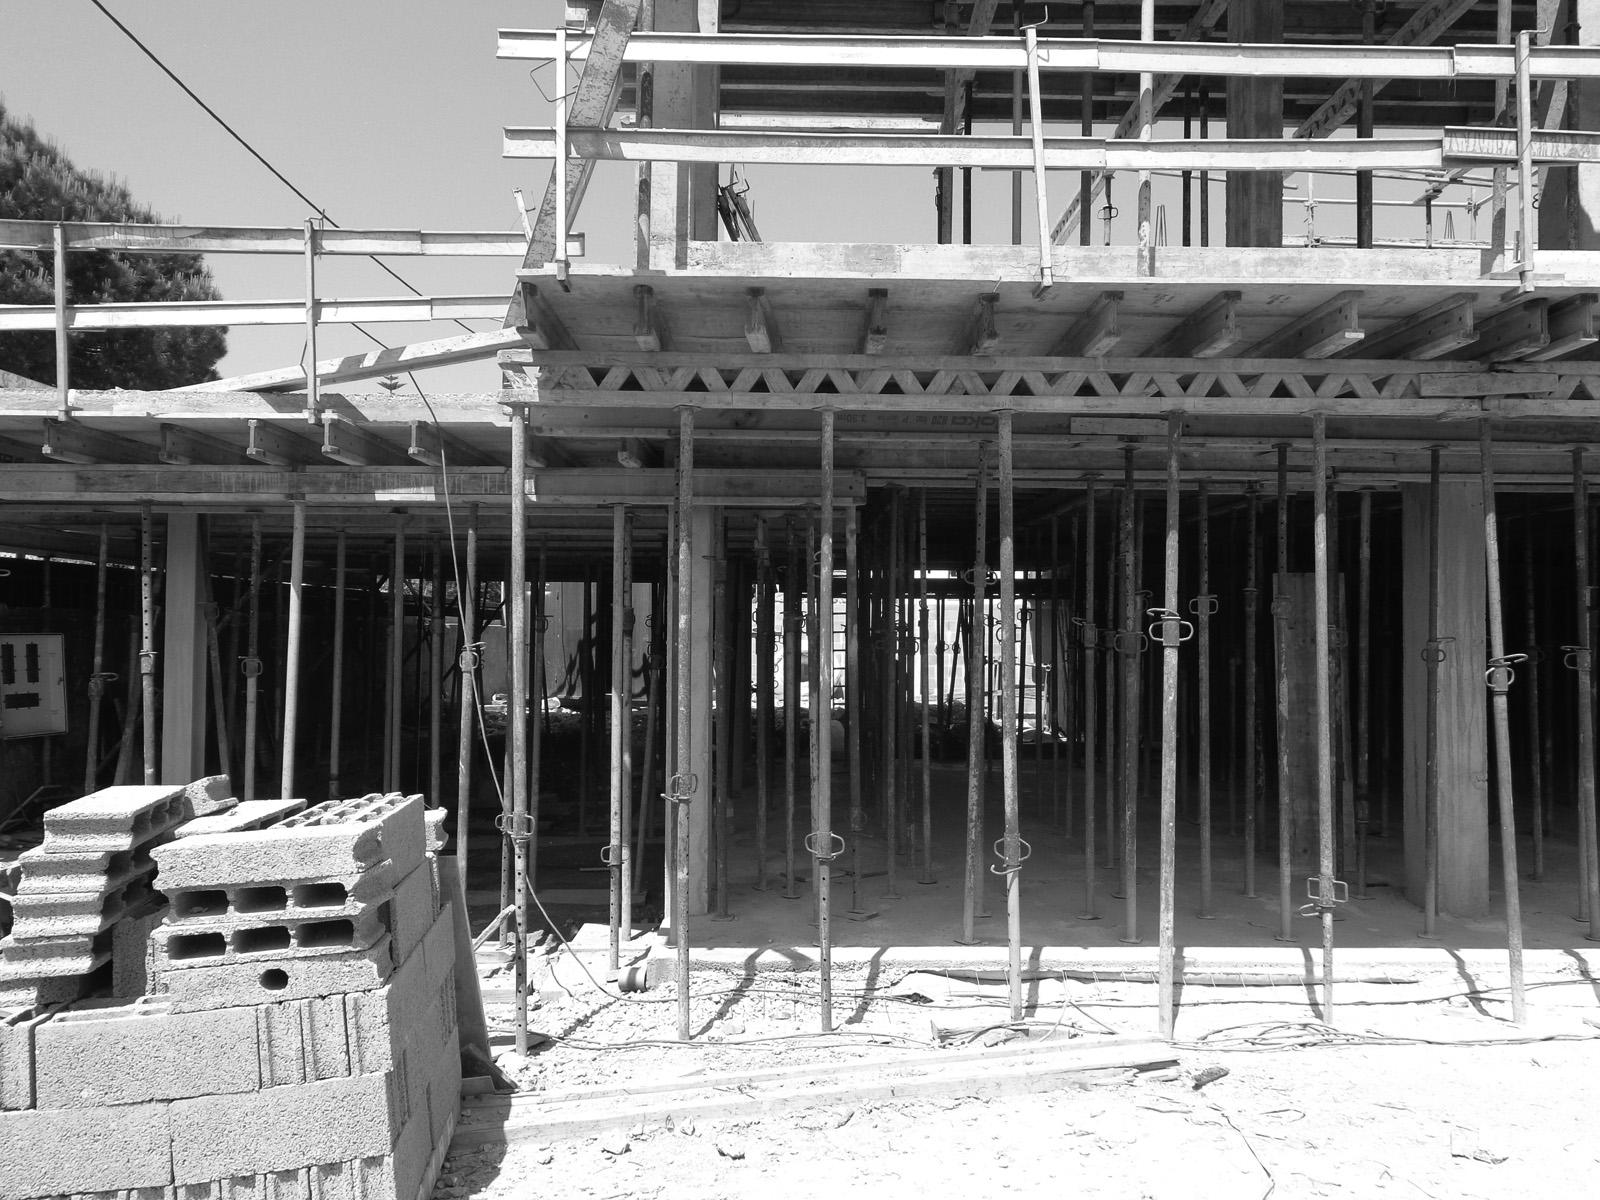 Moradia Alfazema - Construção - EVA evolutionary architecture - arquitectos porto - arquitectura (4).jpg